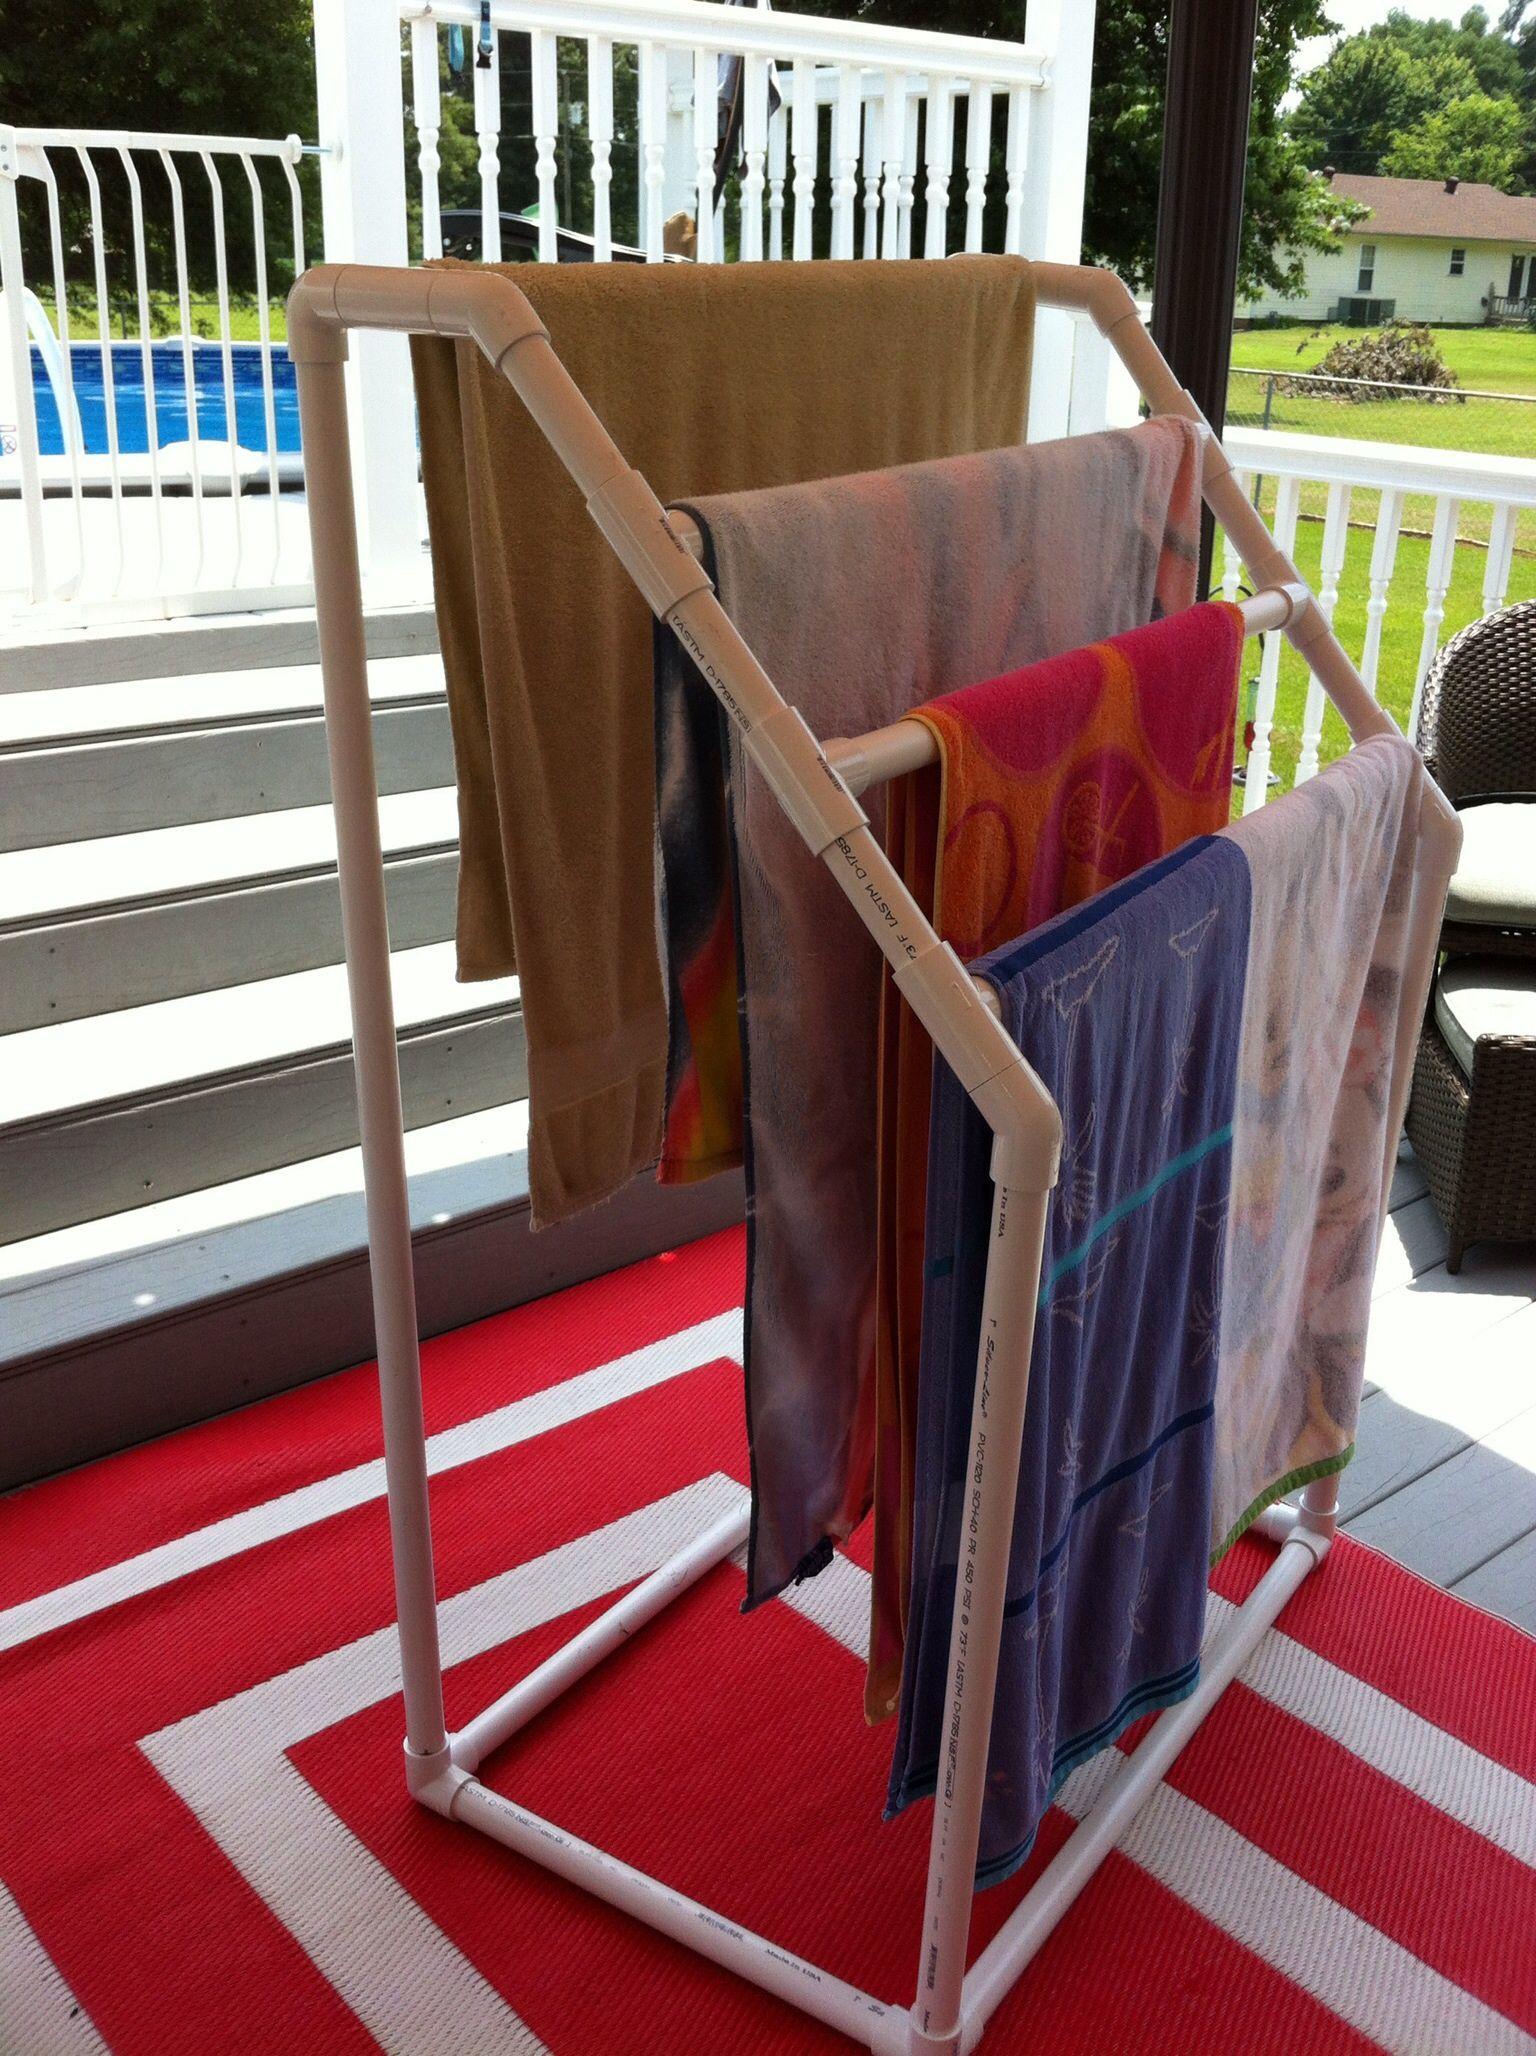 Diy Outdoor Pvc Towel Rack